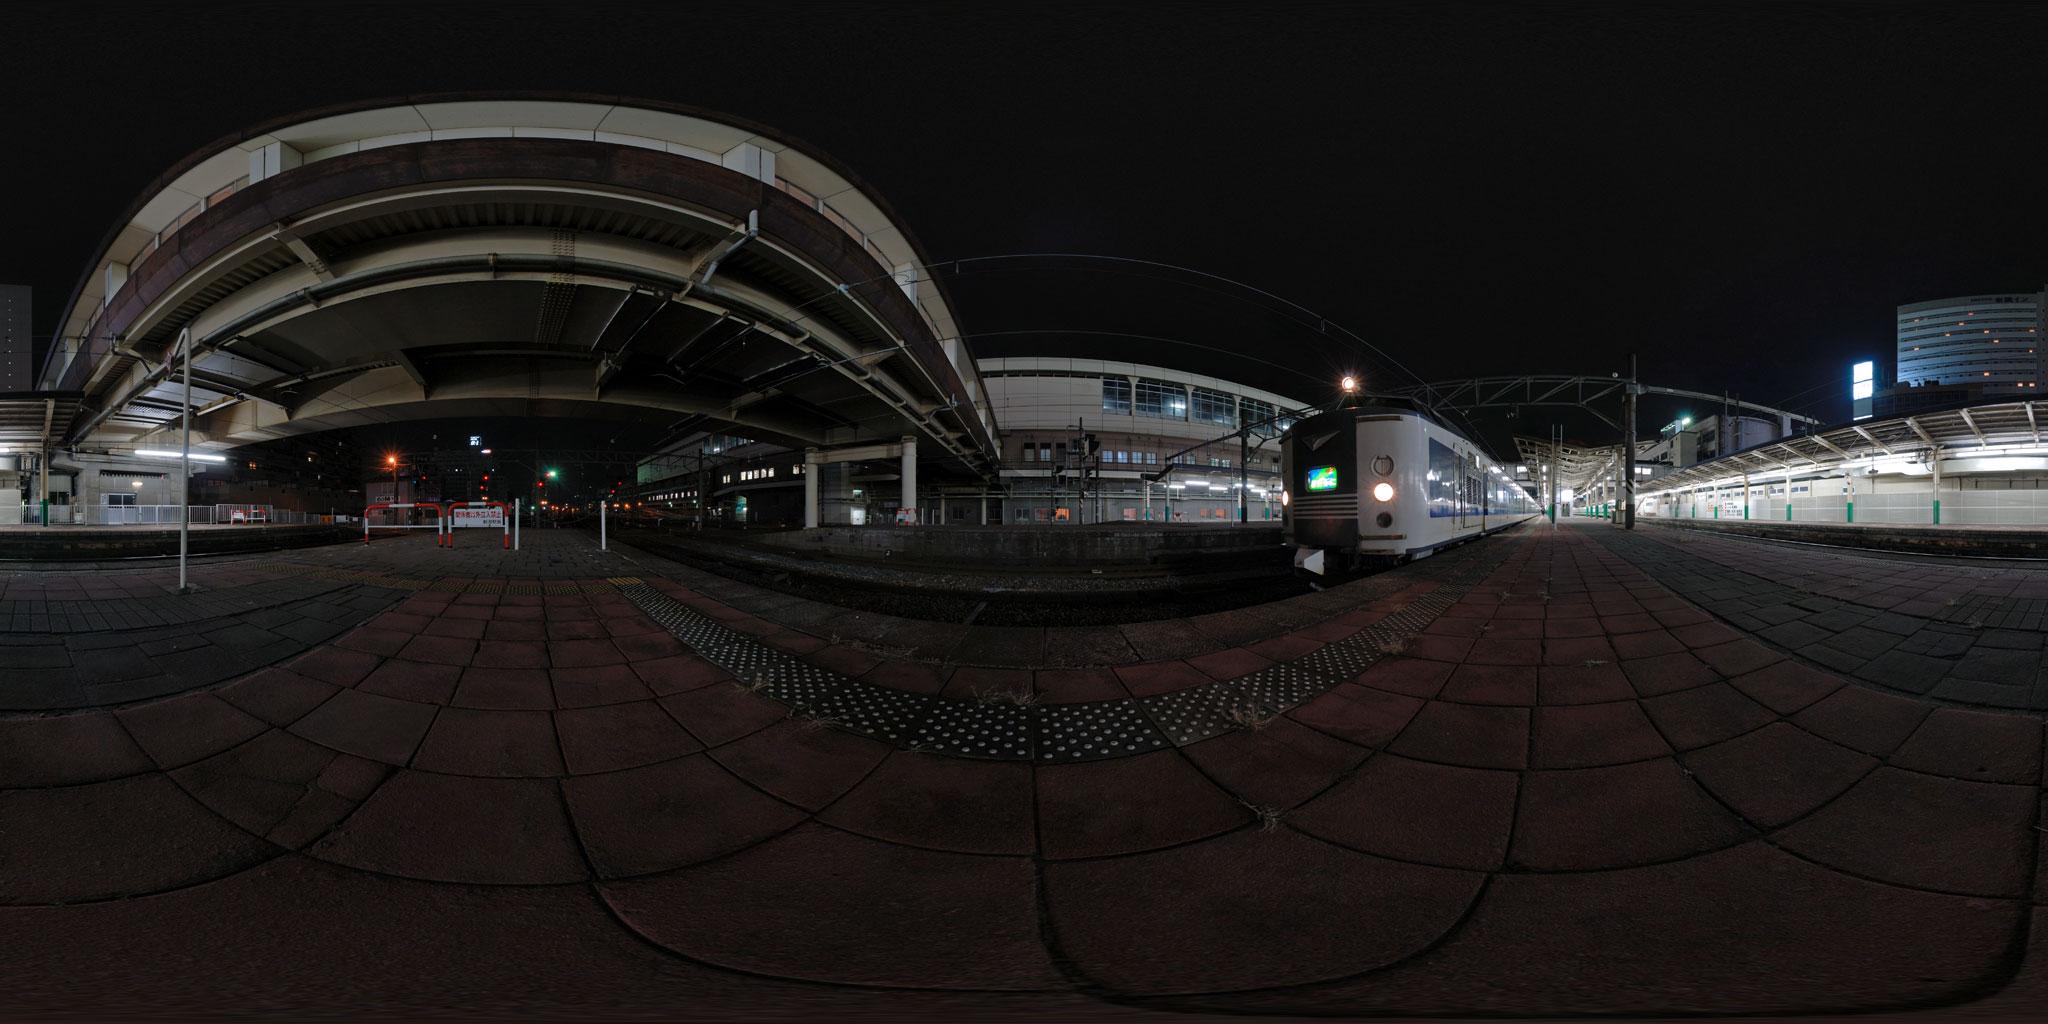 新潟駅を出発する急行きたぐに(583系B4編成)